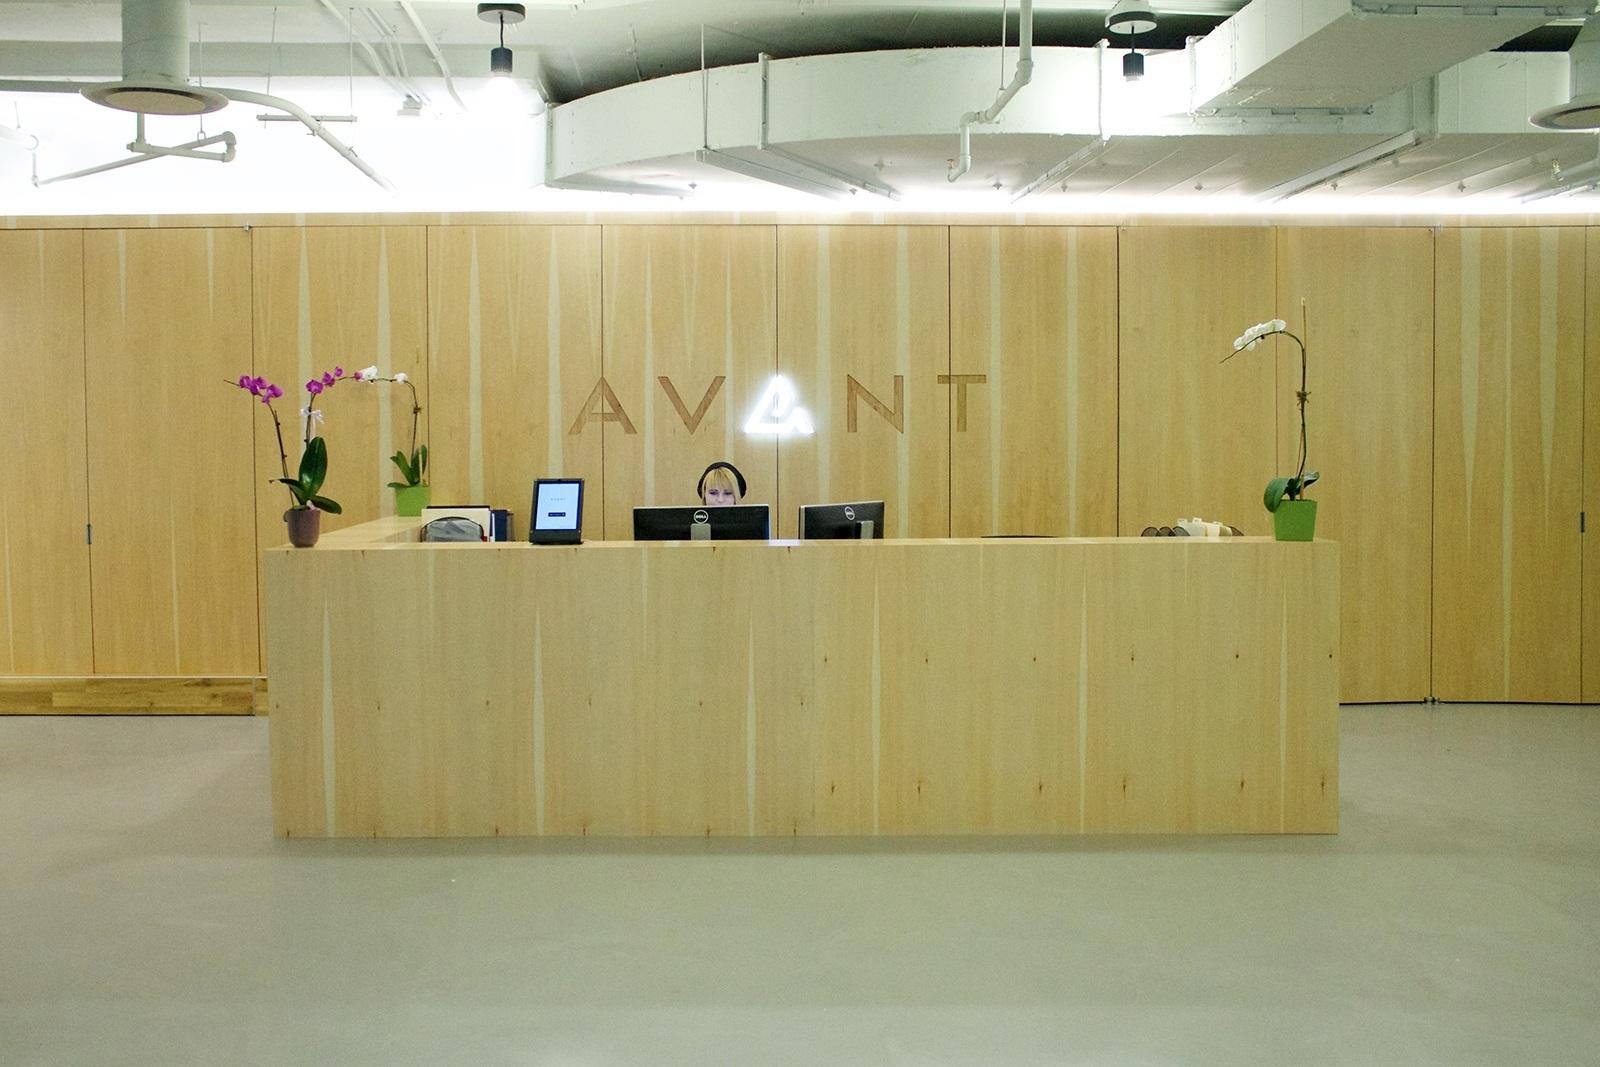 avant-chicago-office-11